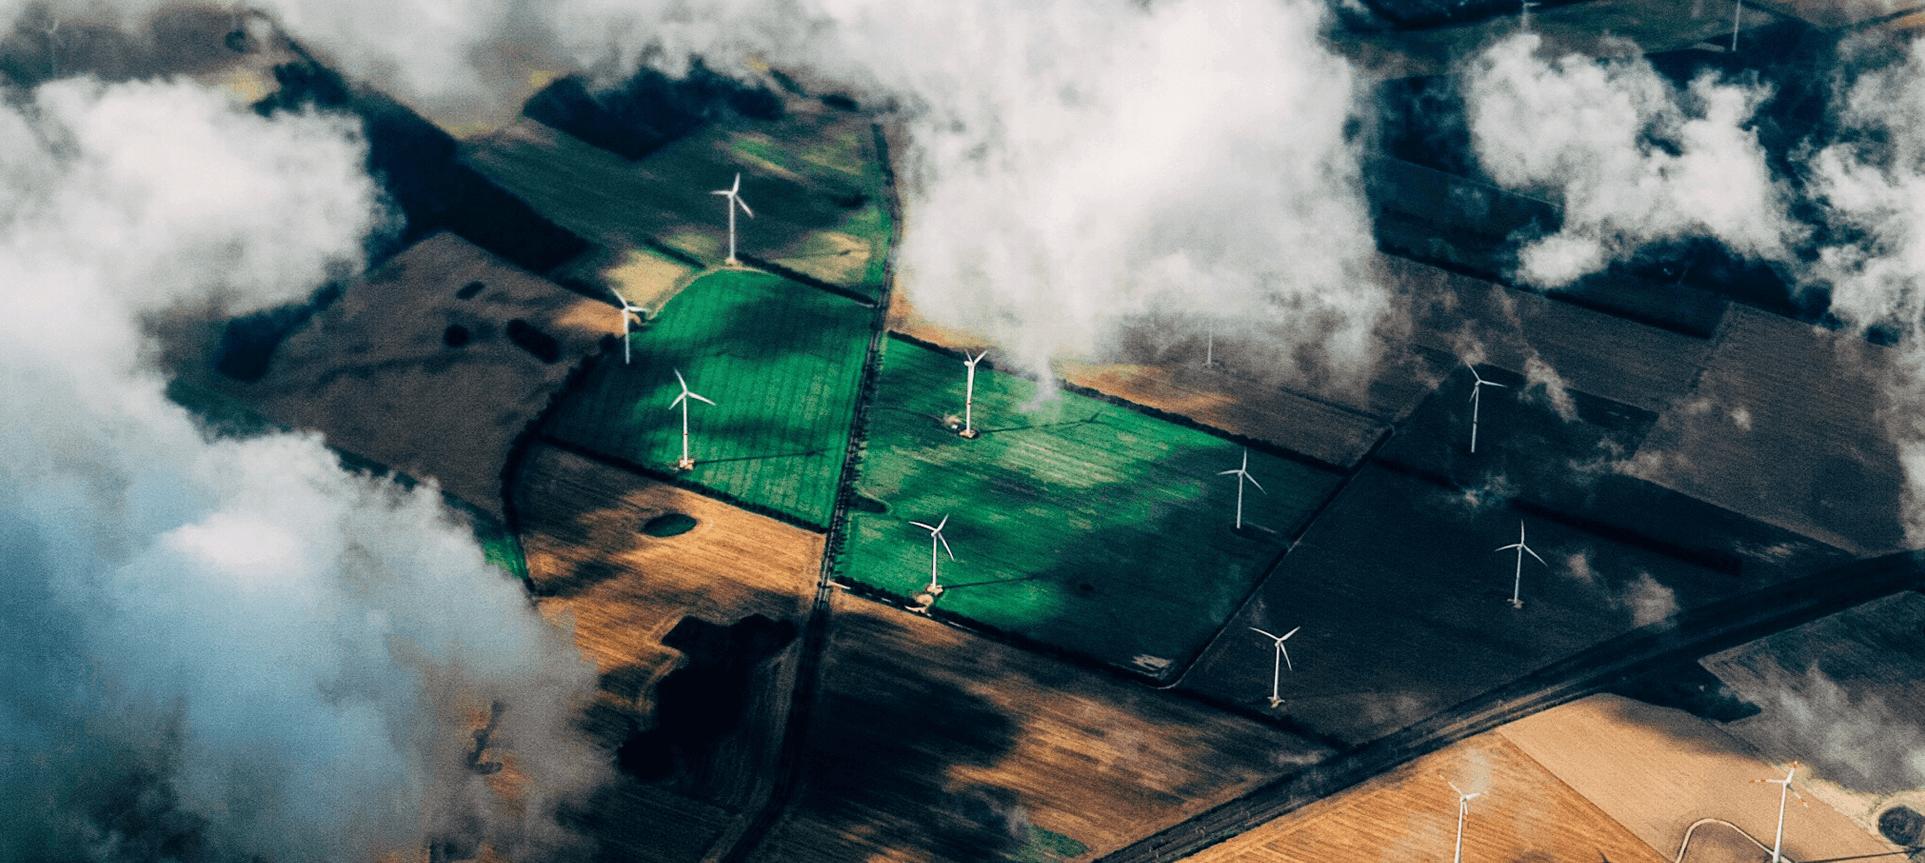 Campo con aerogeneradores © ONU